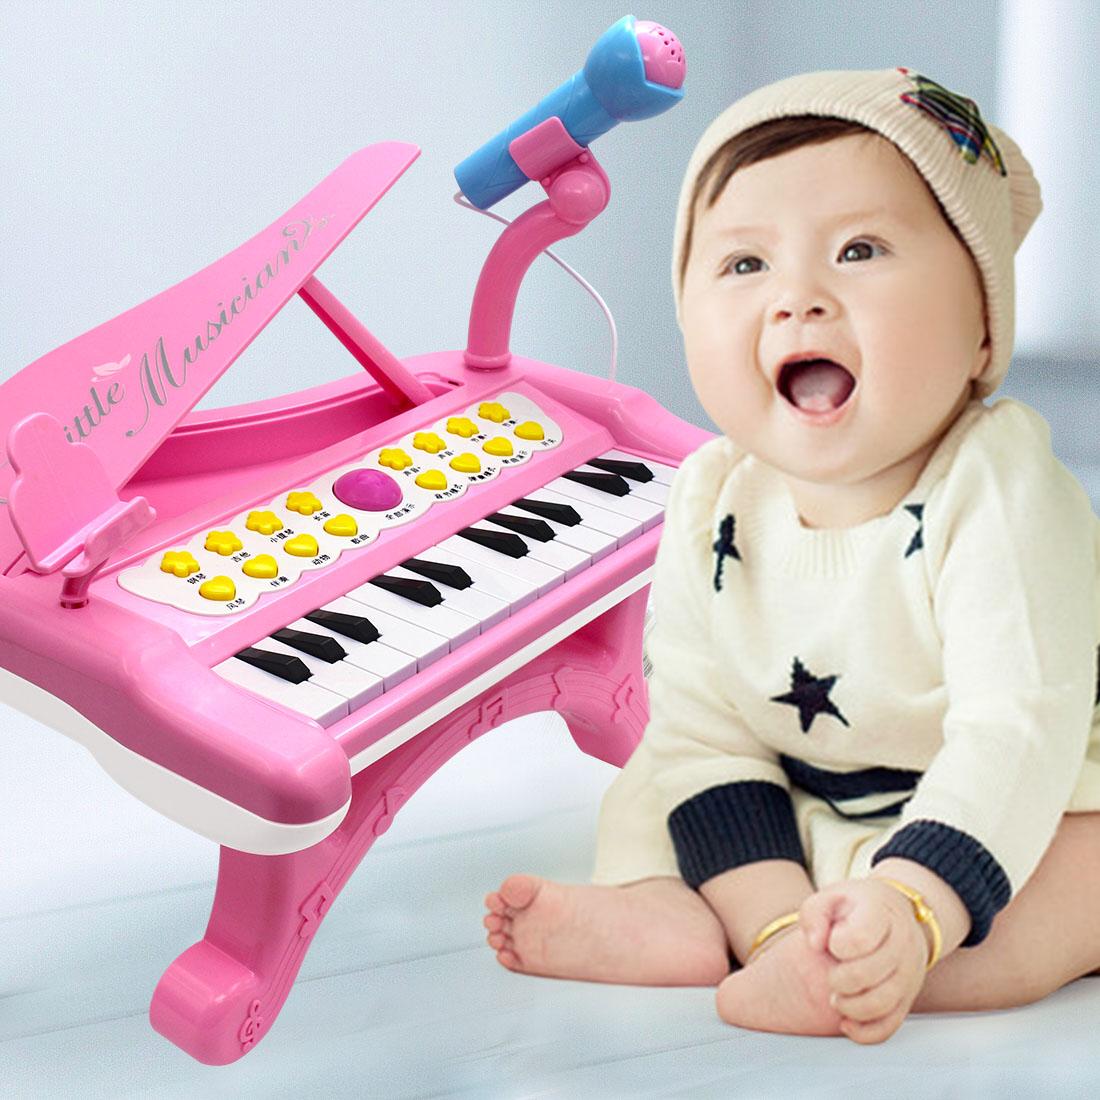 多功能电子琴儿童初学幼儿女孩迷你小钢琴玩具可弹奏键1益智0-3岁